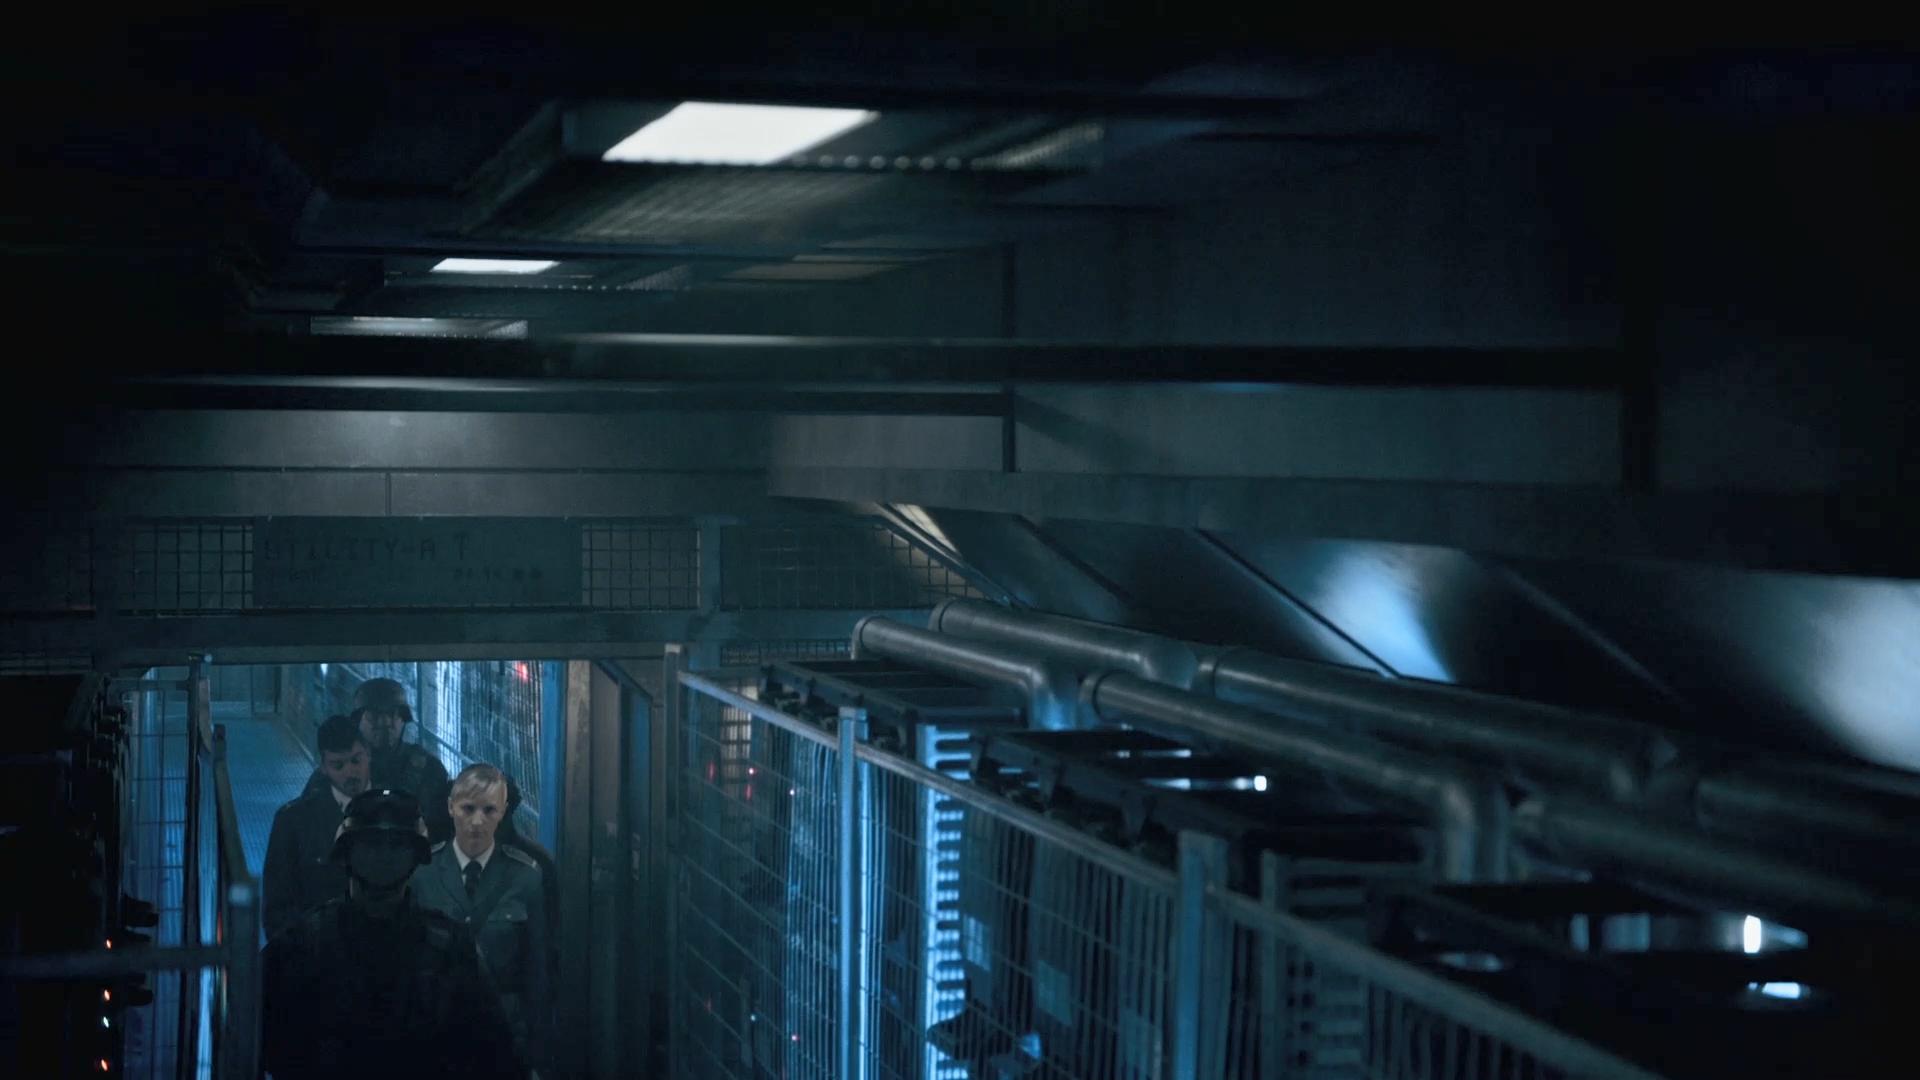 Изображение для Сквозь снег / Snowpiercer, Сезон 1, Серии 1-10 из 10 (2020) WEB-DLRip 1080p (кликните для просмотра полного изображения)